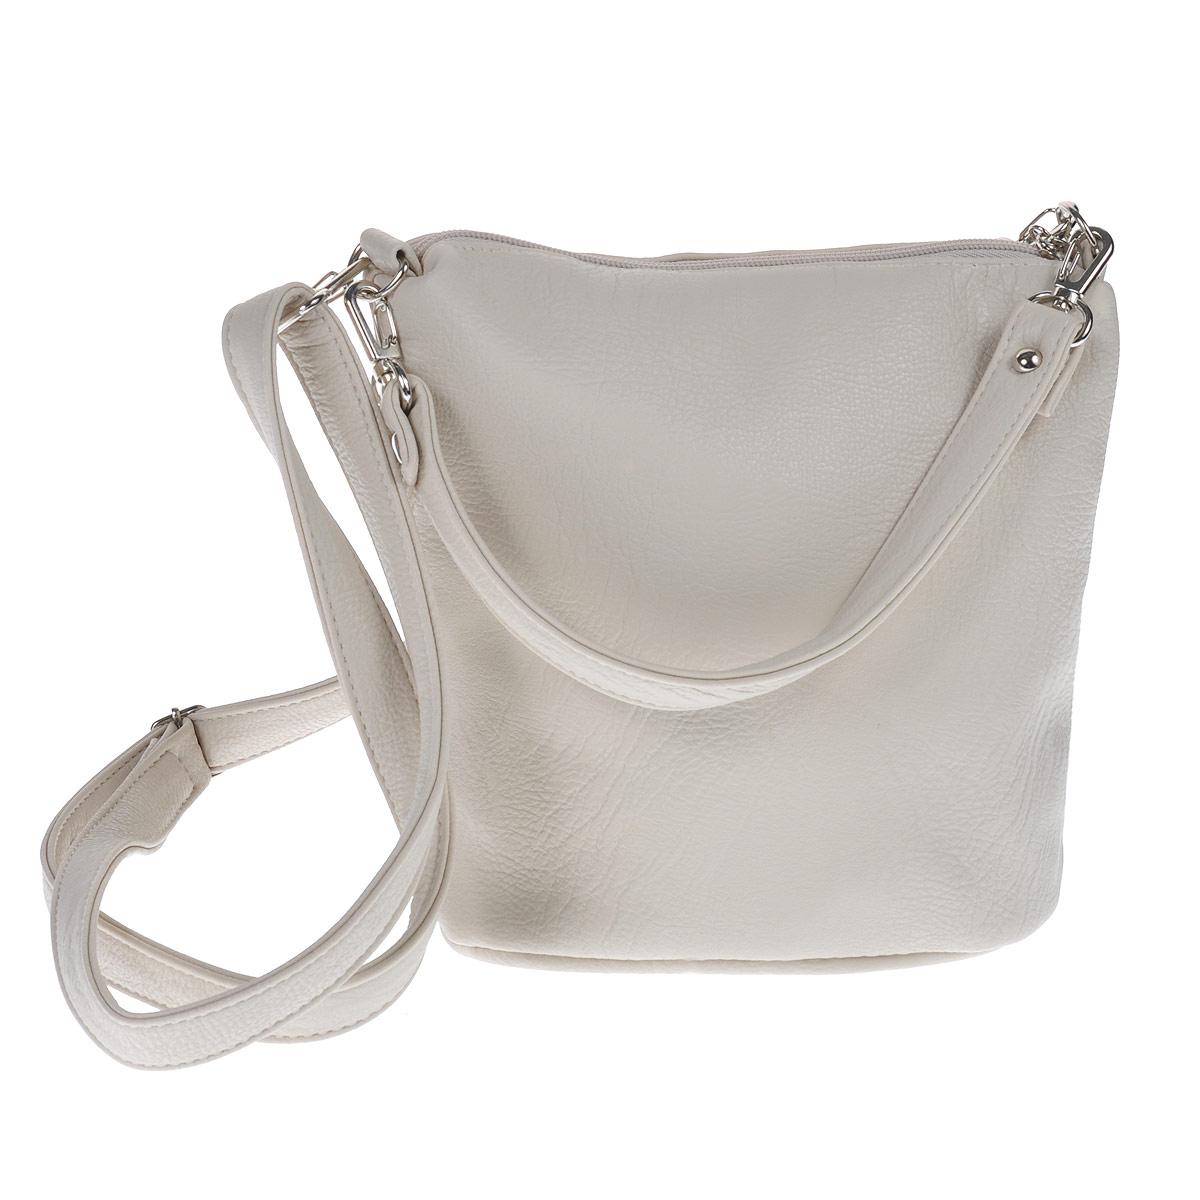 Сумка женская Antan, цвет: светло-бежевый. 9-633 В23008Женская сумка Antan выполнена из искусственной кожи. Сумка состоит из одного отделения, закрывающегося на застежку-молнию. Внутри вшитый карман на молнии. Дополнительно сбоку имеется карман также на застежке-молнии. Сумка имеет два съемных ремешка разной длины. Сумка - это стильный аксессуар, который подчеркнет вашу изысканность и индивидуальность и сделает ваш образ завершенным. Размер сумки: 23 см х 21 см х 10 см.